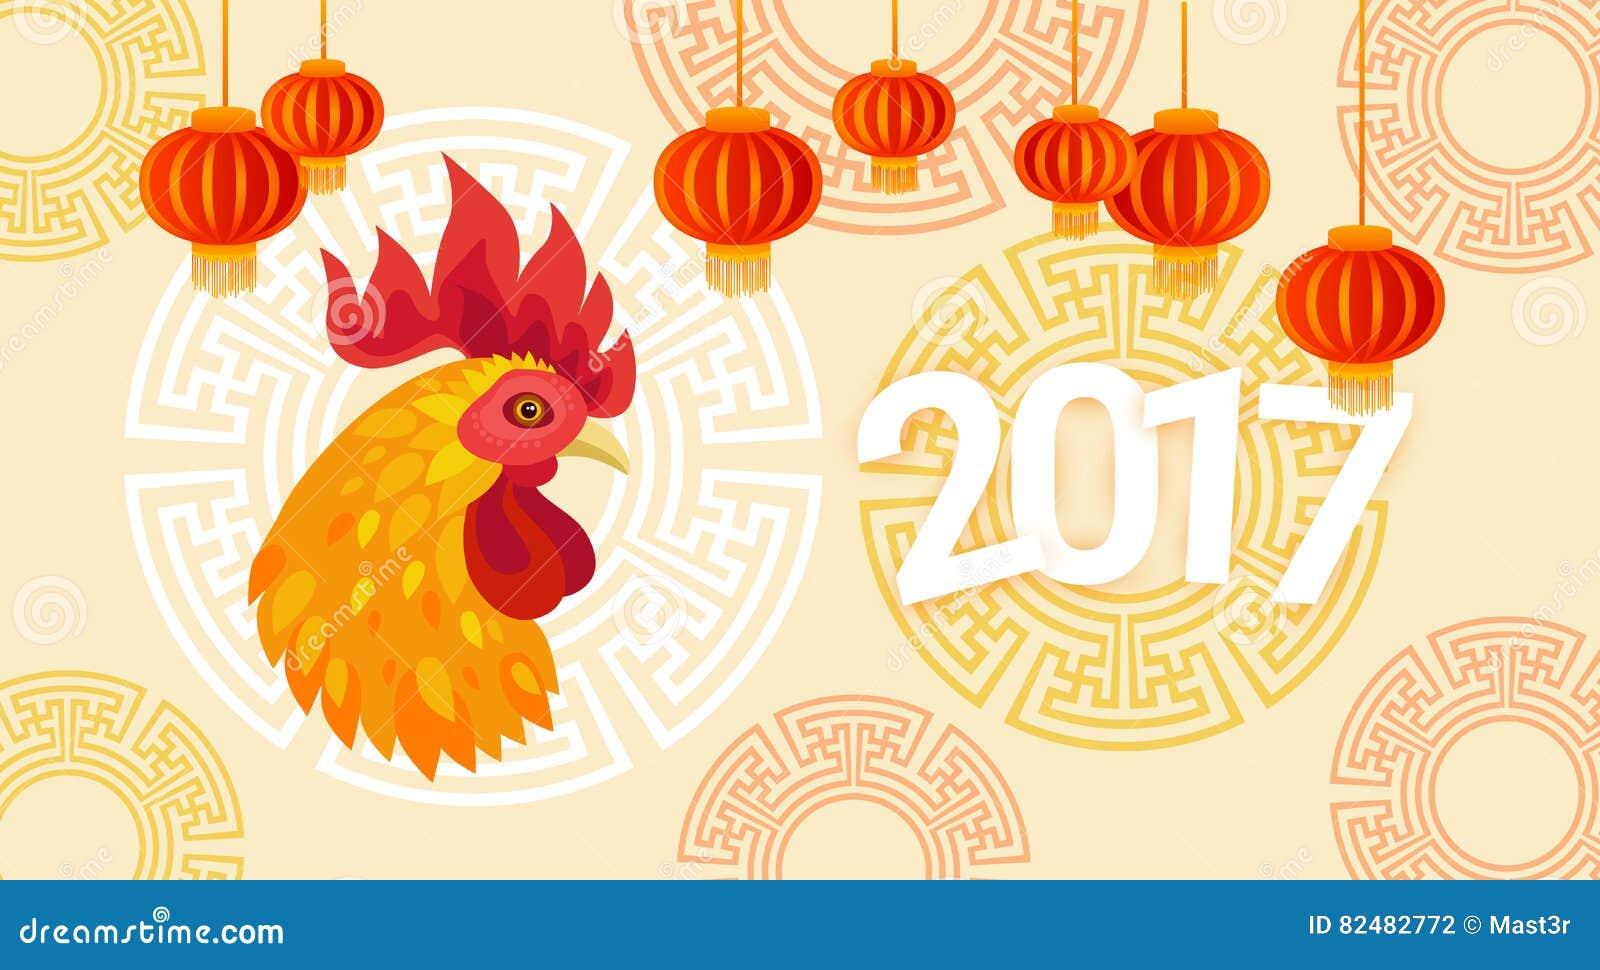 Гороскоп азиата фонарика счастливой новой птицы петуха 2017 год китайский